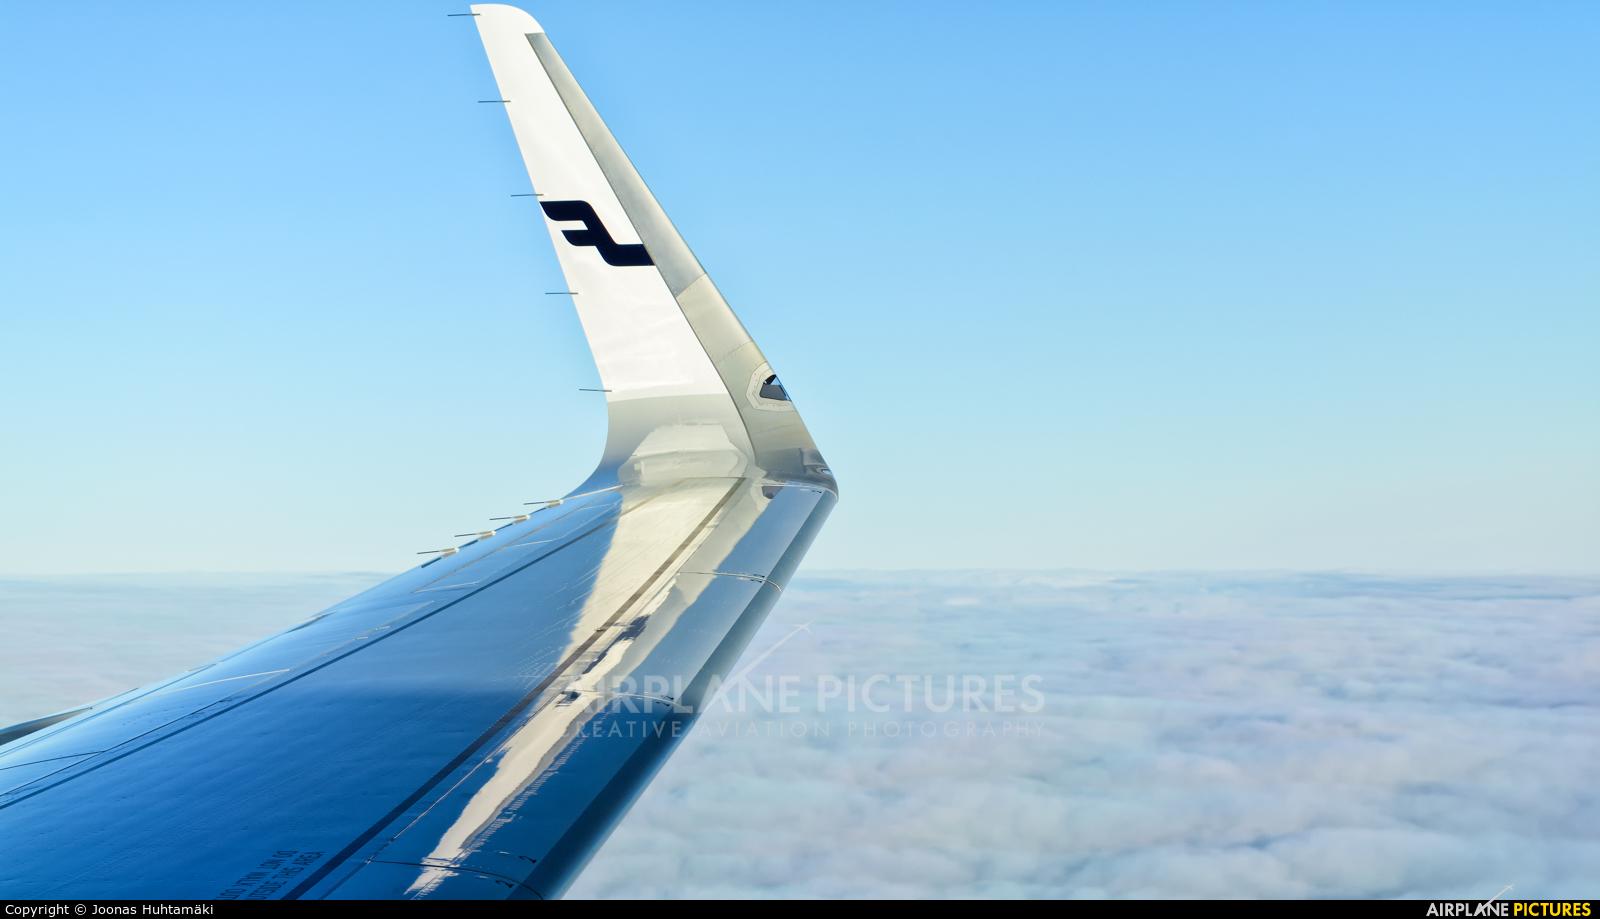 Finnair OH-LZM aircraft at In Flight - International